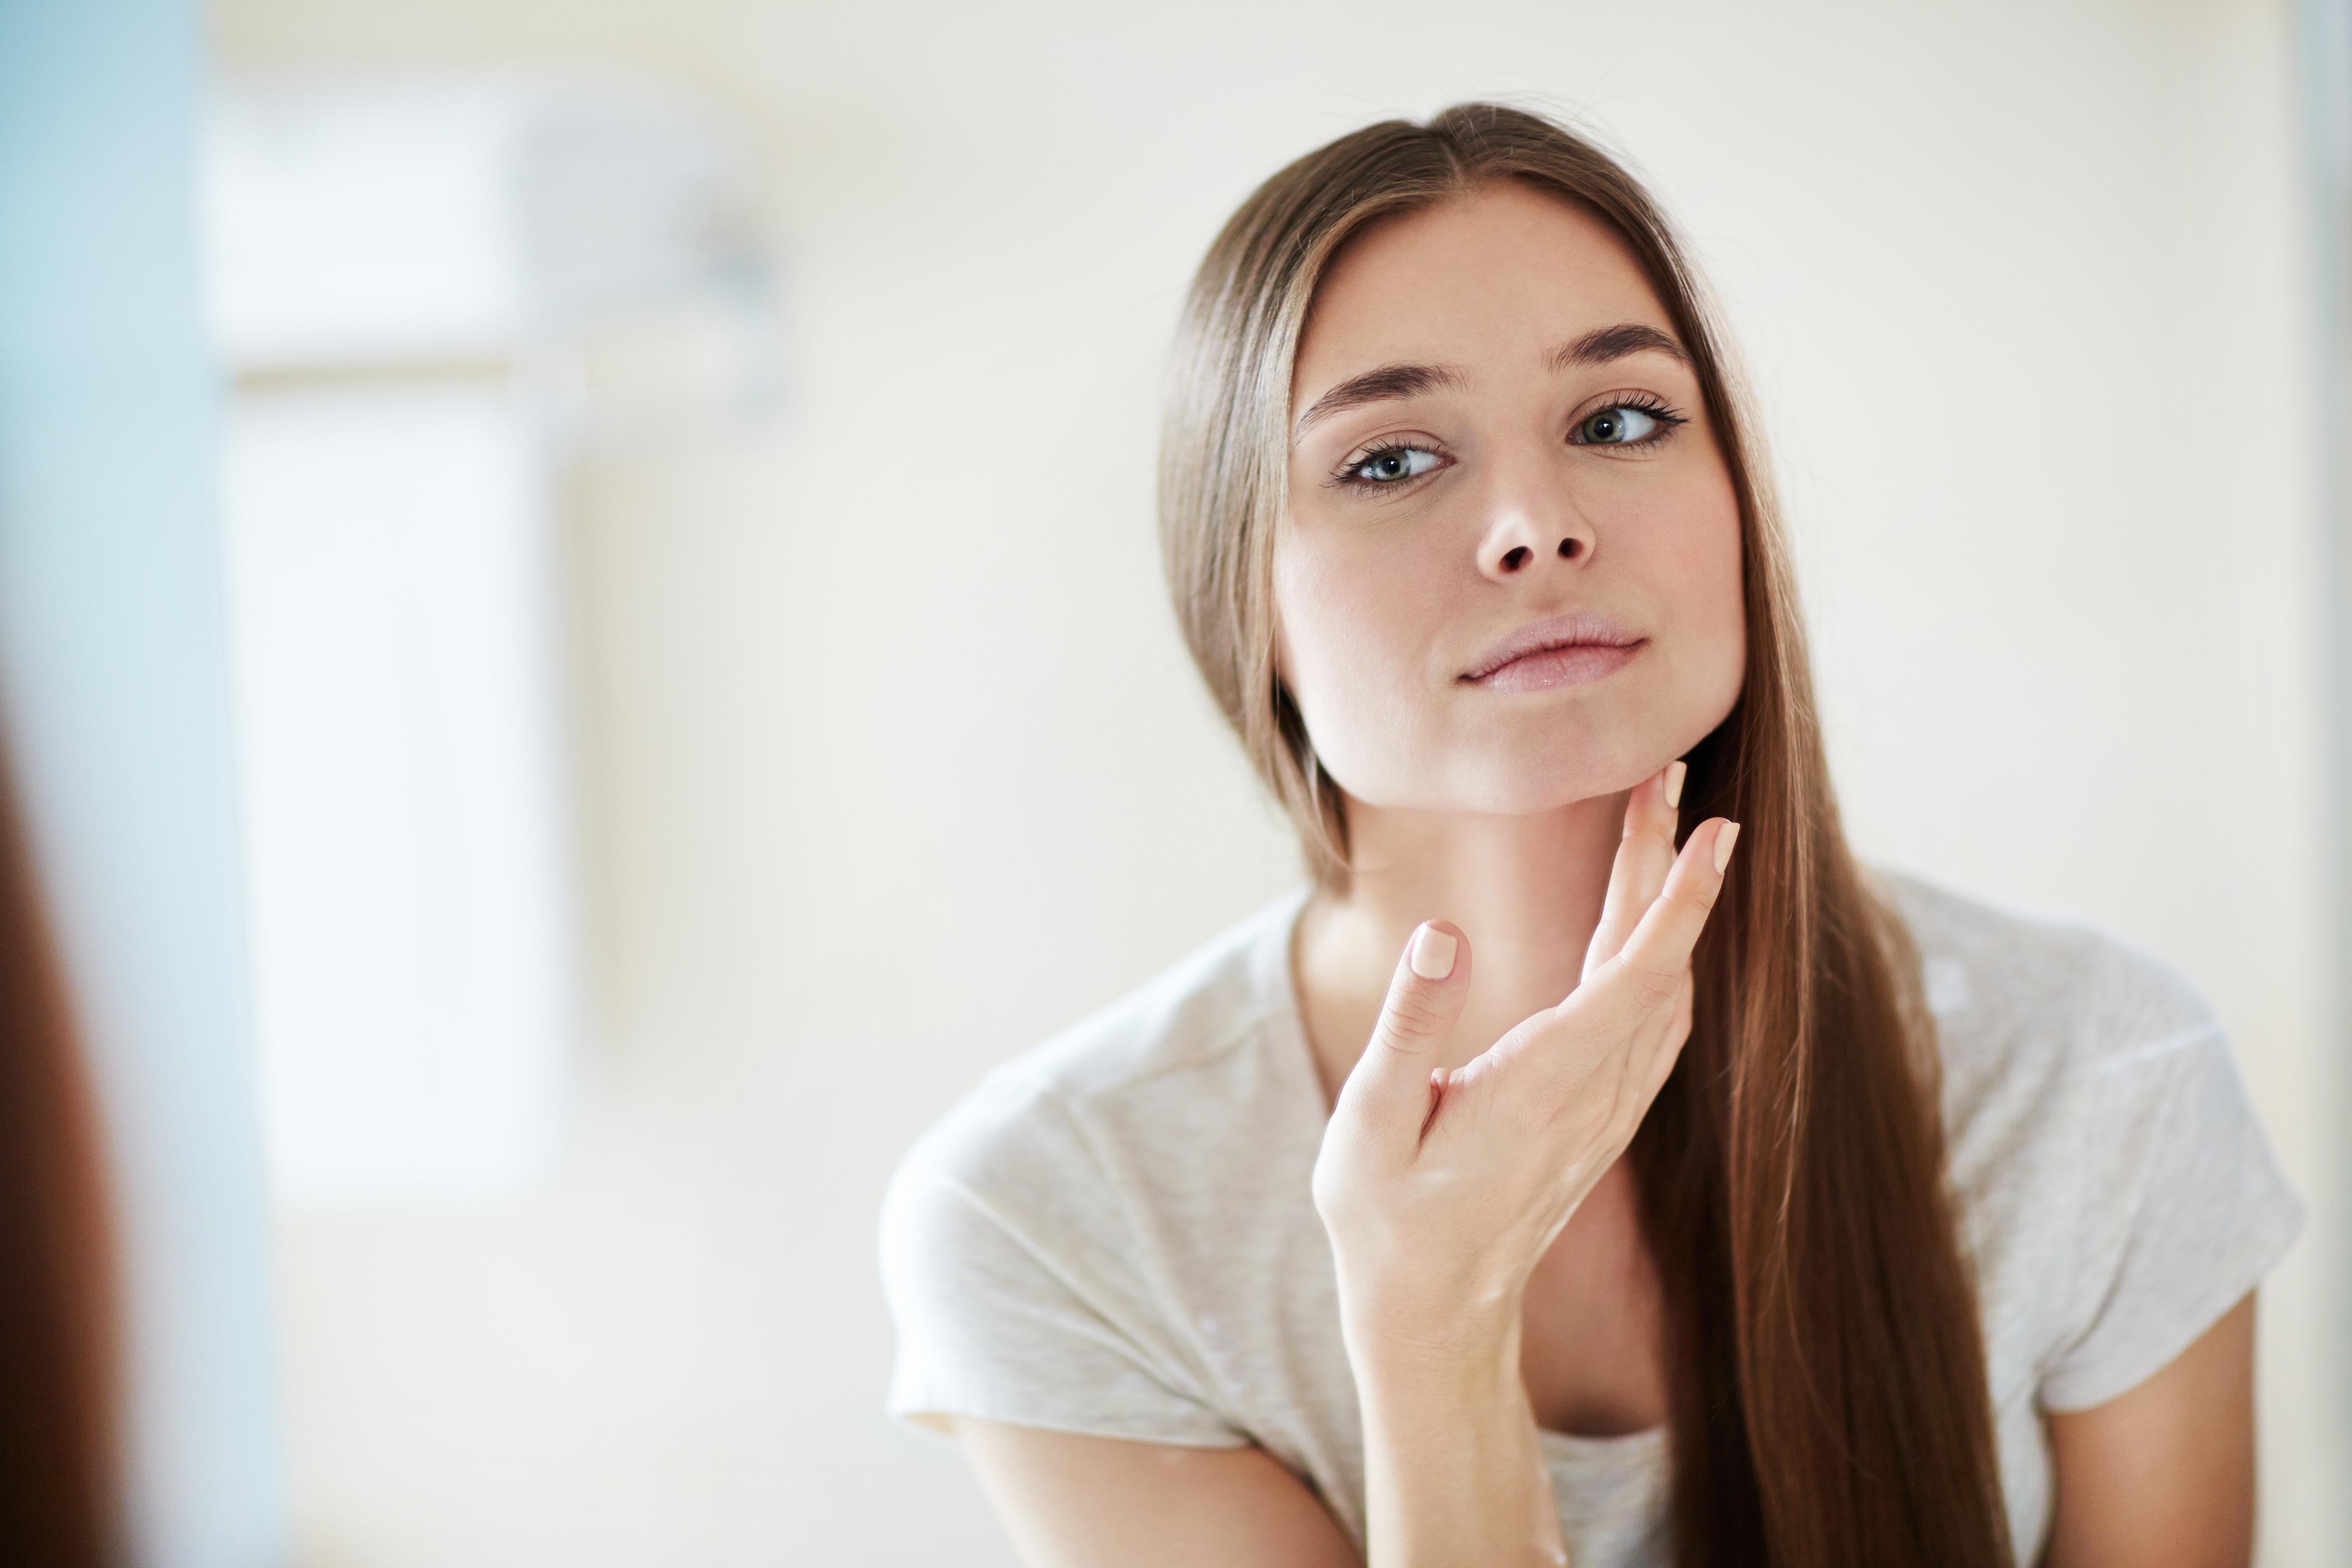 Mulher jovem olhando a pele do rosto